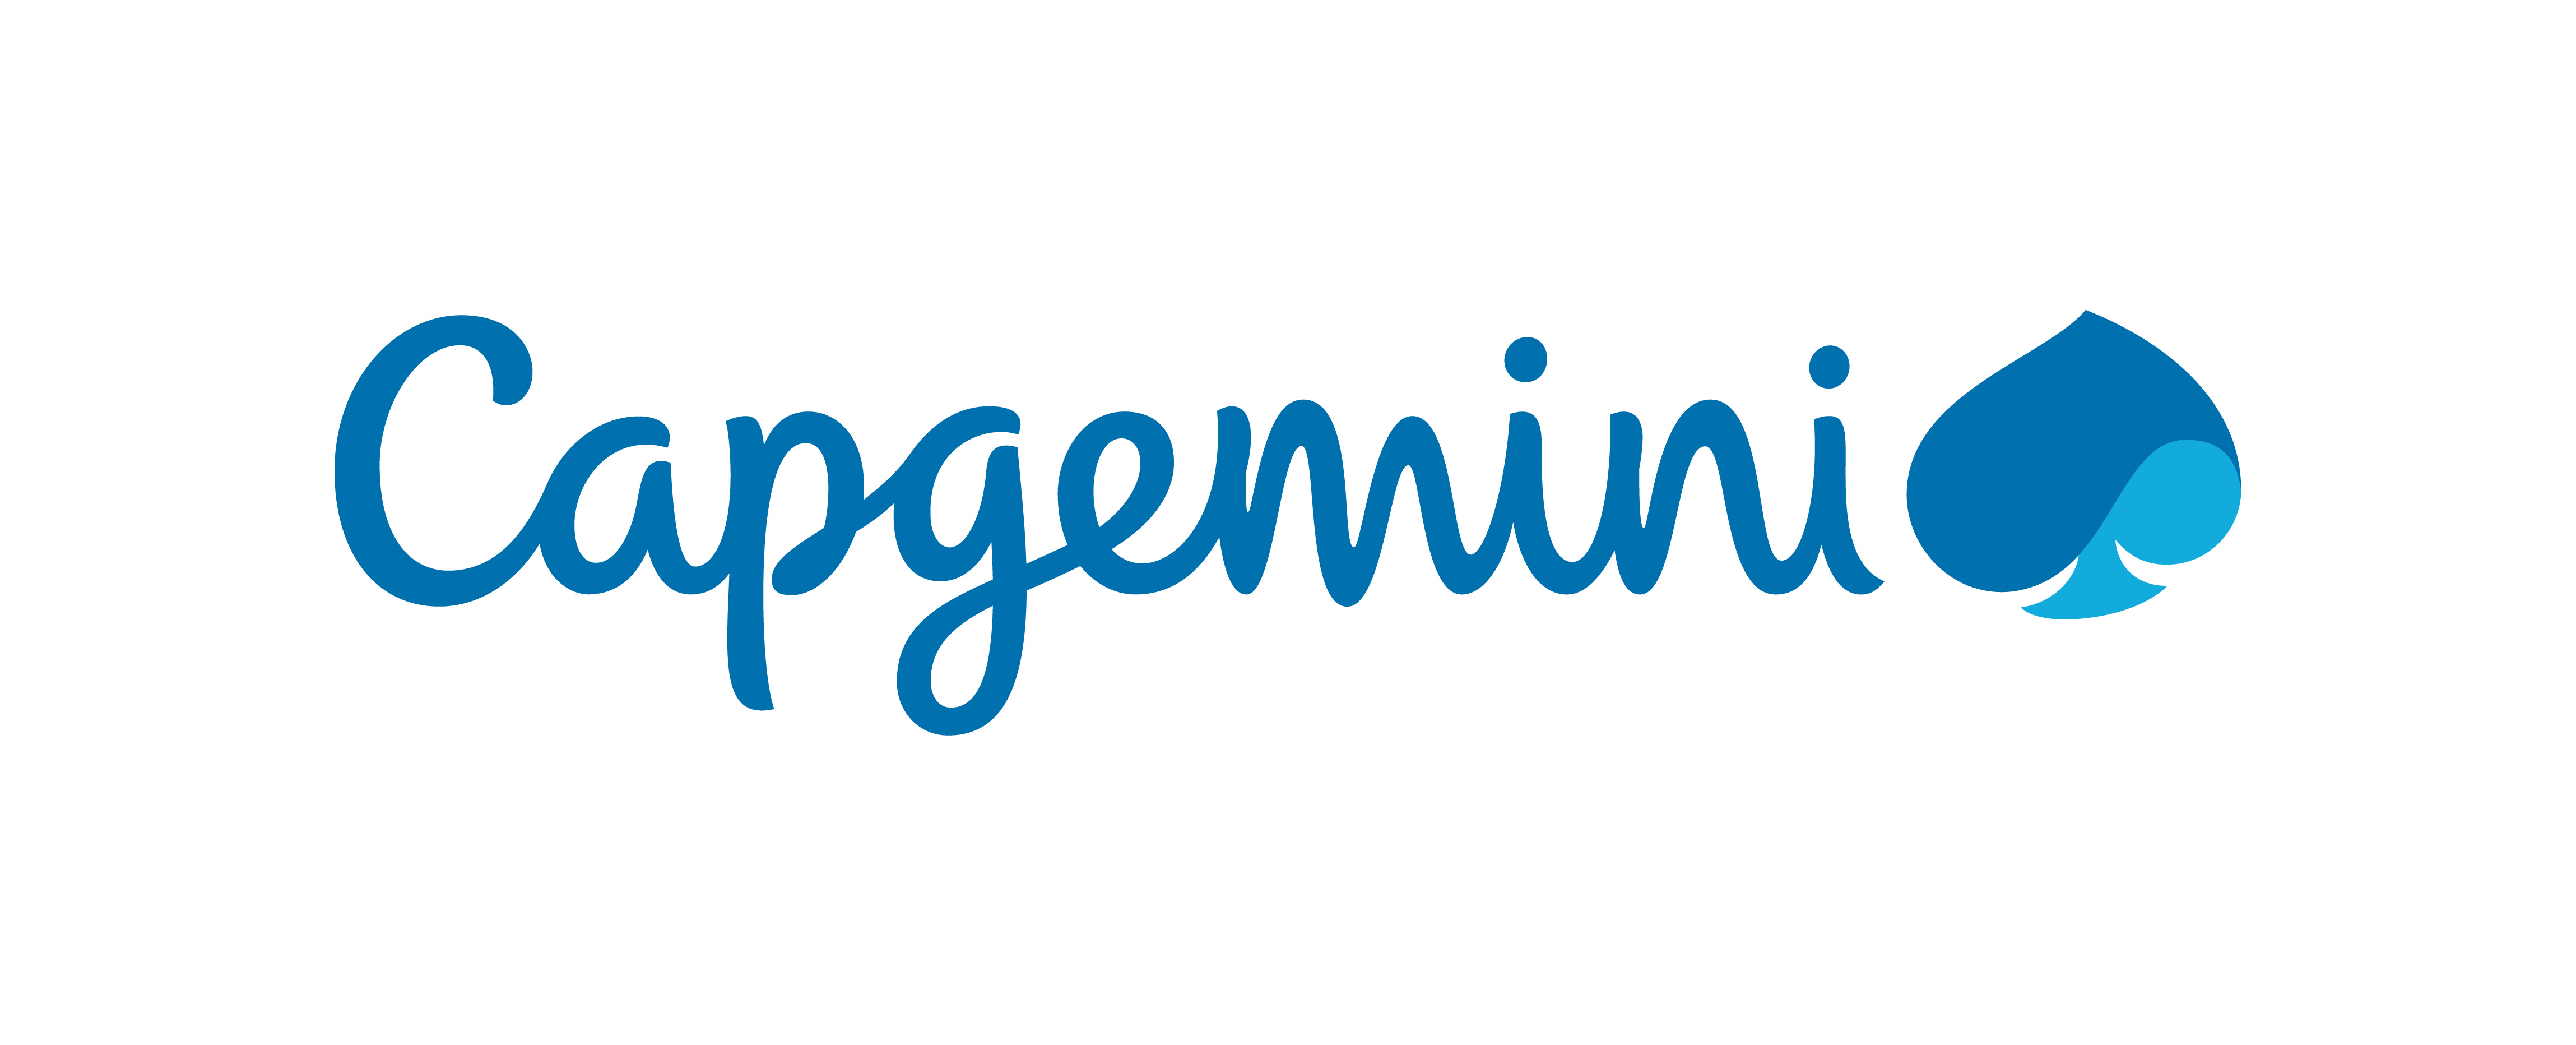 Logo Capgemini - Référence client - Jérôme Adam - Conférencier Entrepreneur